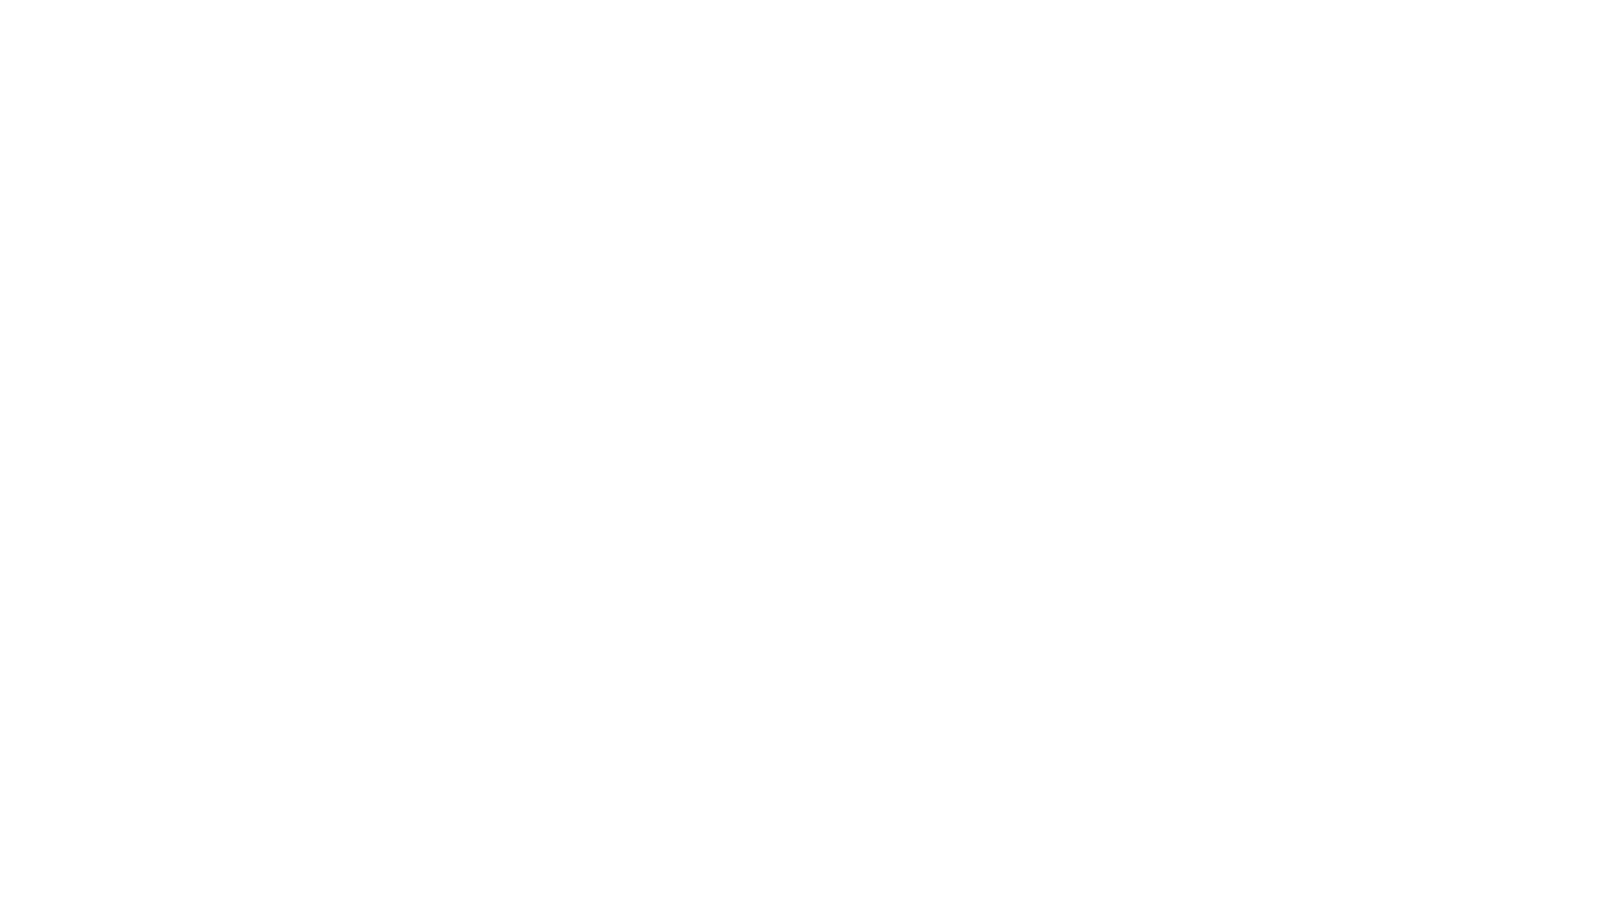 القناة الرسمية : قناة الانوار الفضائية official youtube channel : Al-Anwar TV ______________________________ Al-Anwar TV - قناة الانوار القناة الرسمية  لا تنسى الاشتراك في القناة و تفعيل الجرس الاشتراك في القناة و نشرها دعماً لنا و خدمةً للمذهب و القضية الحسينية  التردد الجديد لقناة الانوار الفضائية القمر نايلسات Nilesat التردد : 10971 الأستقطاب : افقي H معدل الترميز : 27500 Fec Auto قناة الانوار الفضائية  يمكنكماً ايضاً متابعة الحسابات الرسمية في مواقع التواصل الاجتماعي Facebook - فيسبوك https://www.facebook.com/anwar.tv Instagram - اينستكرام https://www.instagram.com/alanwartv/ Youtube - يوتيوب https://www.youtube.com/c/alanwartv/ Tiktok - تيكتوك https://www.tiktok.com/@alanwartv Telegram - تلكرام https://t.me/alanwariq  راية للانتاج الفني و ادارة قنواة اليوتيوب Youtube - يوتيوب https://www.youtube.com/rayamedia?sub_confirmation=1 Instagram - اينستكرام https://www.instagram.com/rayamedia  قناة الانوار الفضائية copyright © all rights reserved Al-Anwar TV   #الانوار #alanwar #alanwartv #الانوار #قناة_الانوار #anwar #anwartv #مباشر